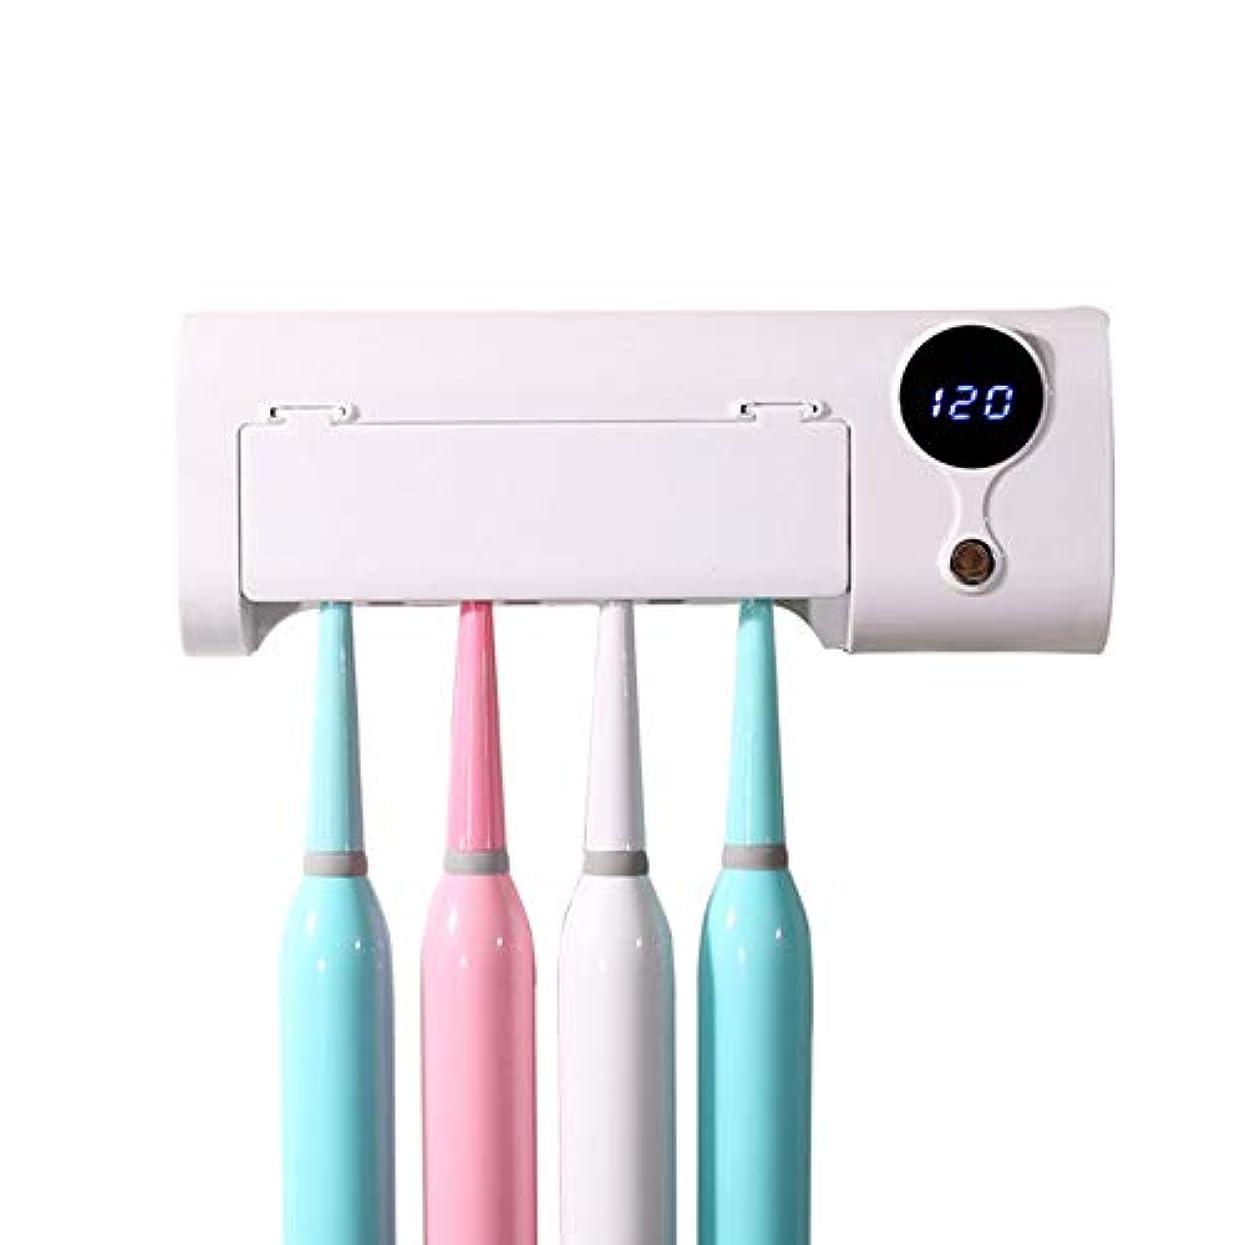 補償コーデリア作曲するaomashangmao UV非傷害歯ブラシ消毒機多機能歯ブラシホルダー